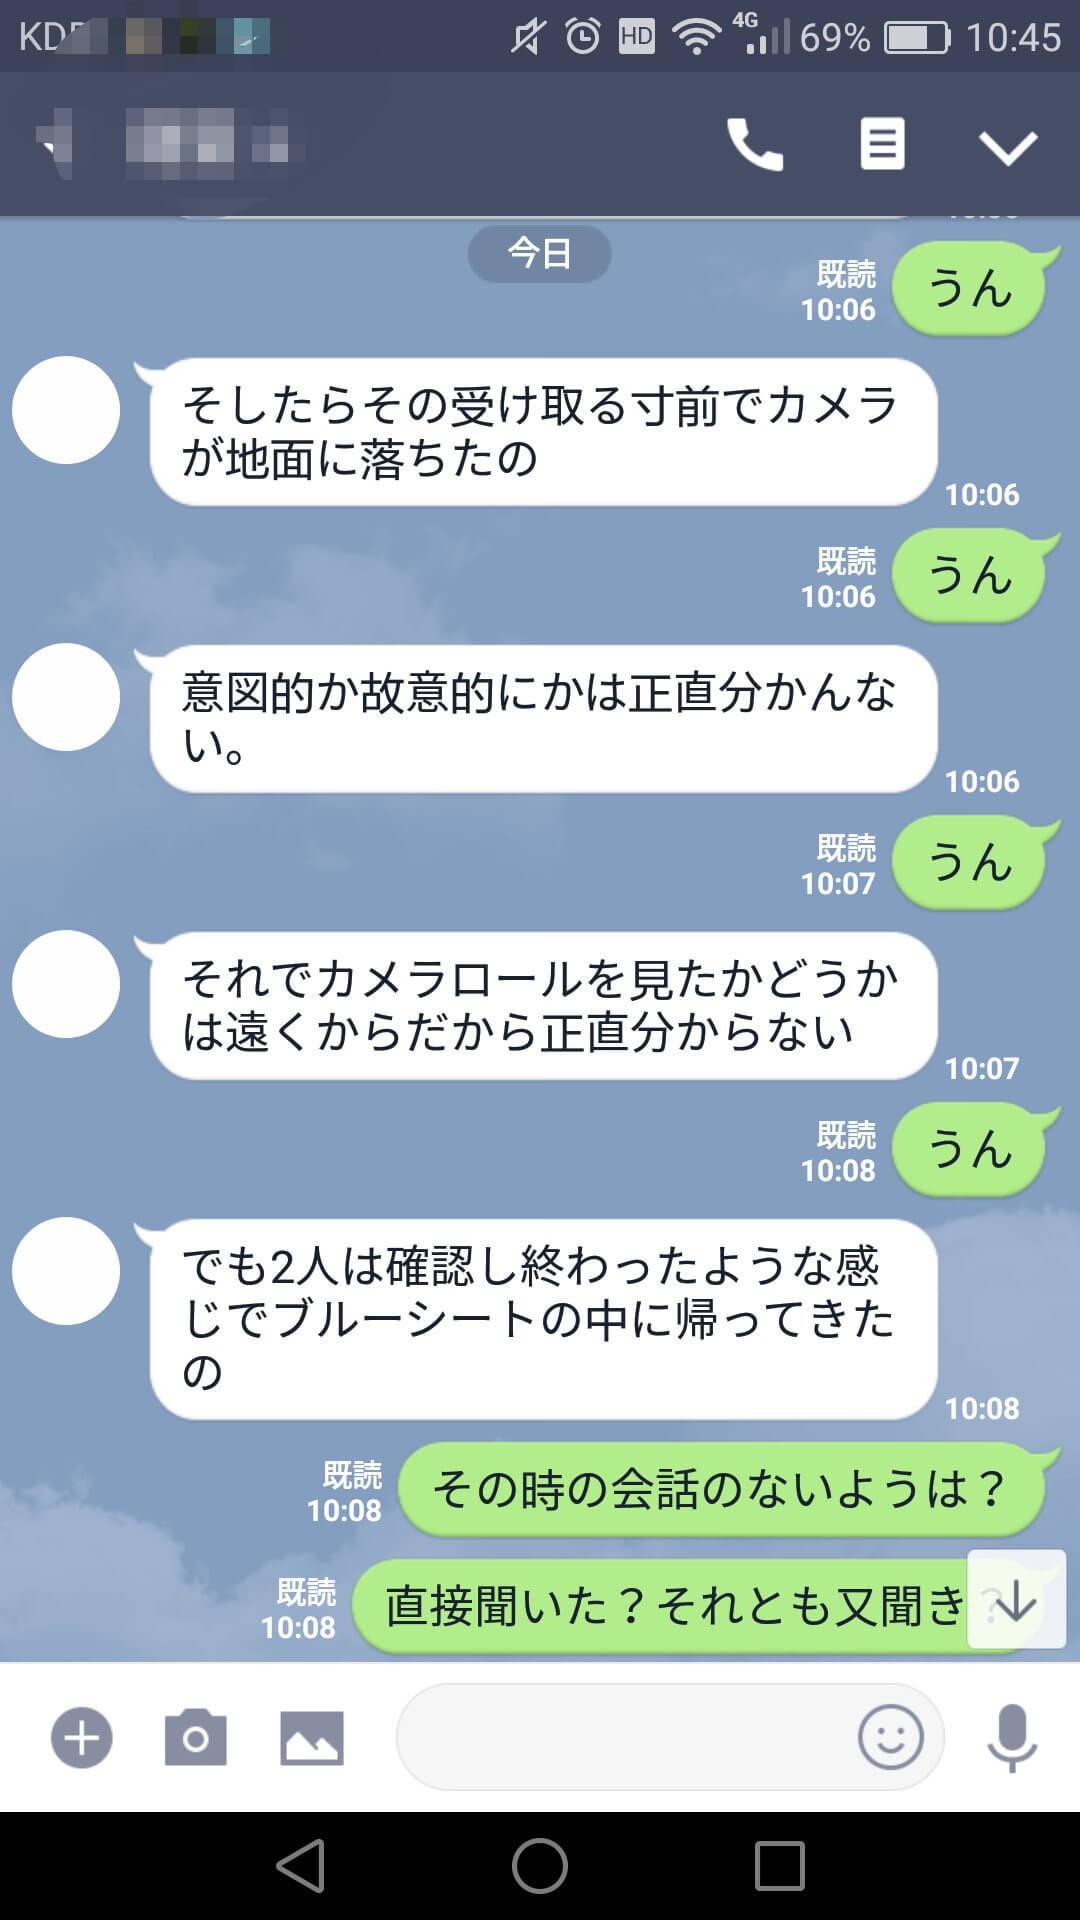 新橋駅前SL広場の騒動についてさなさん(@sana_seria)が関係者に事実関係を確認したキャプチャ画像5